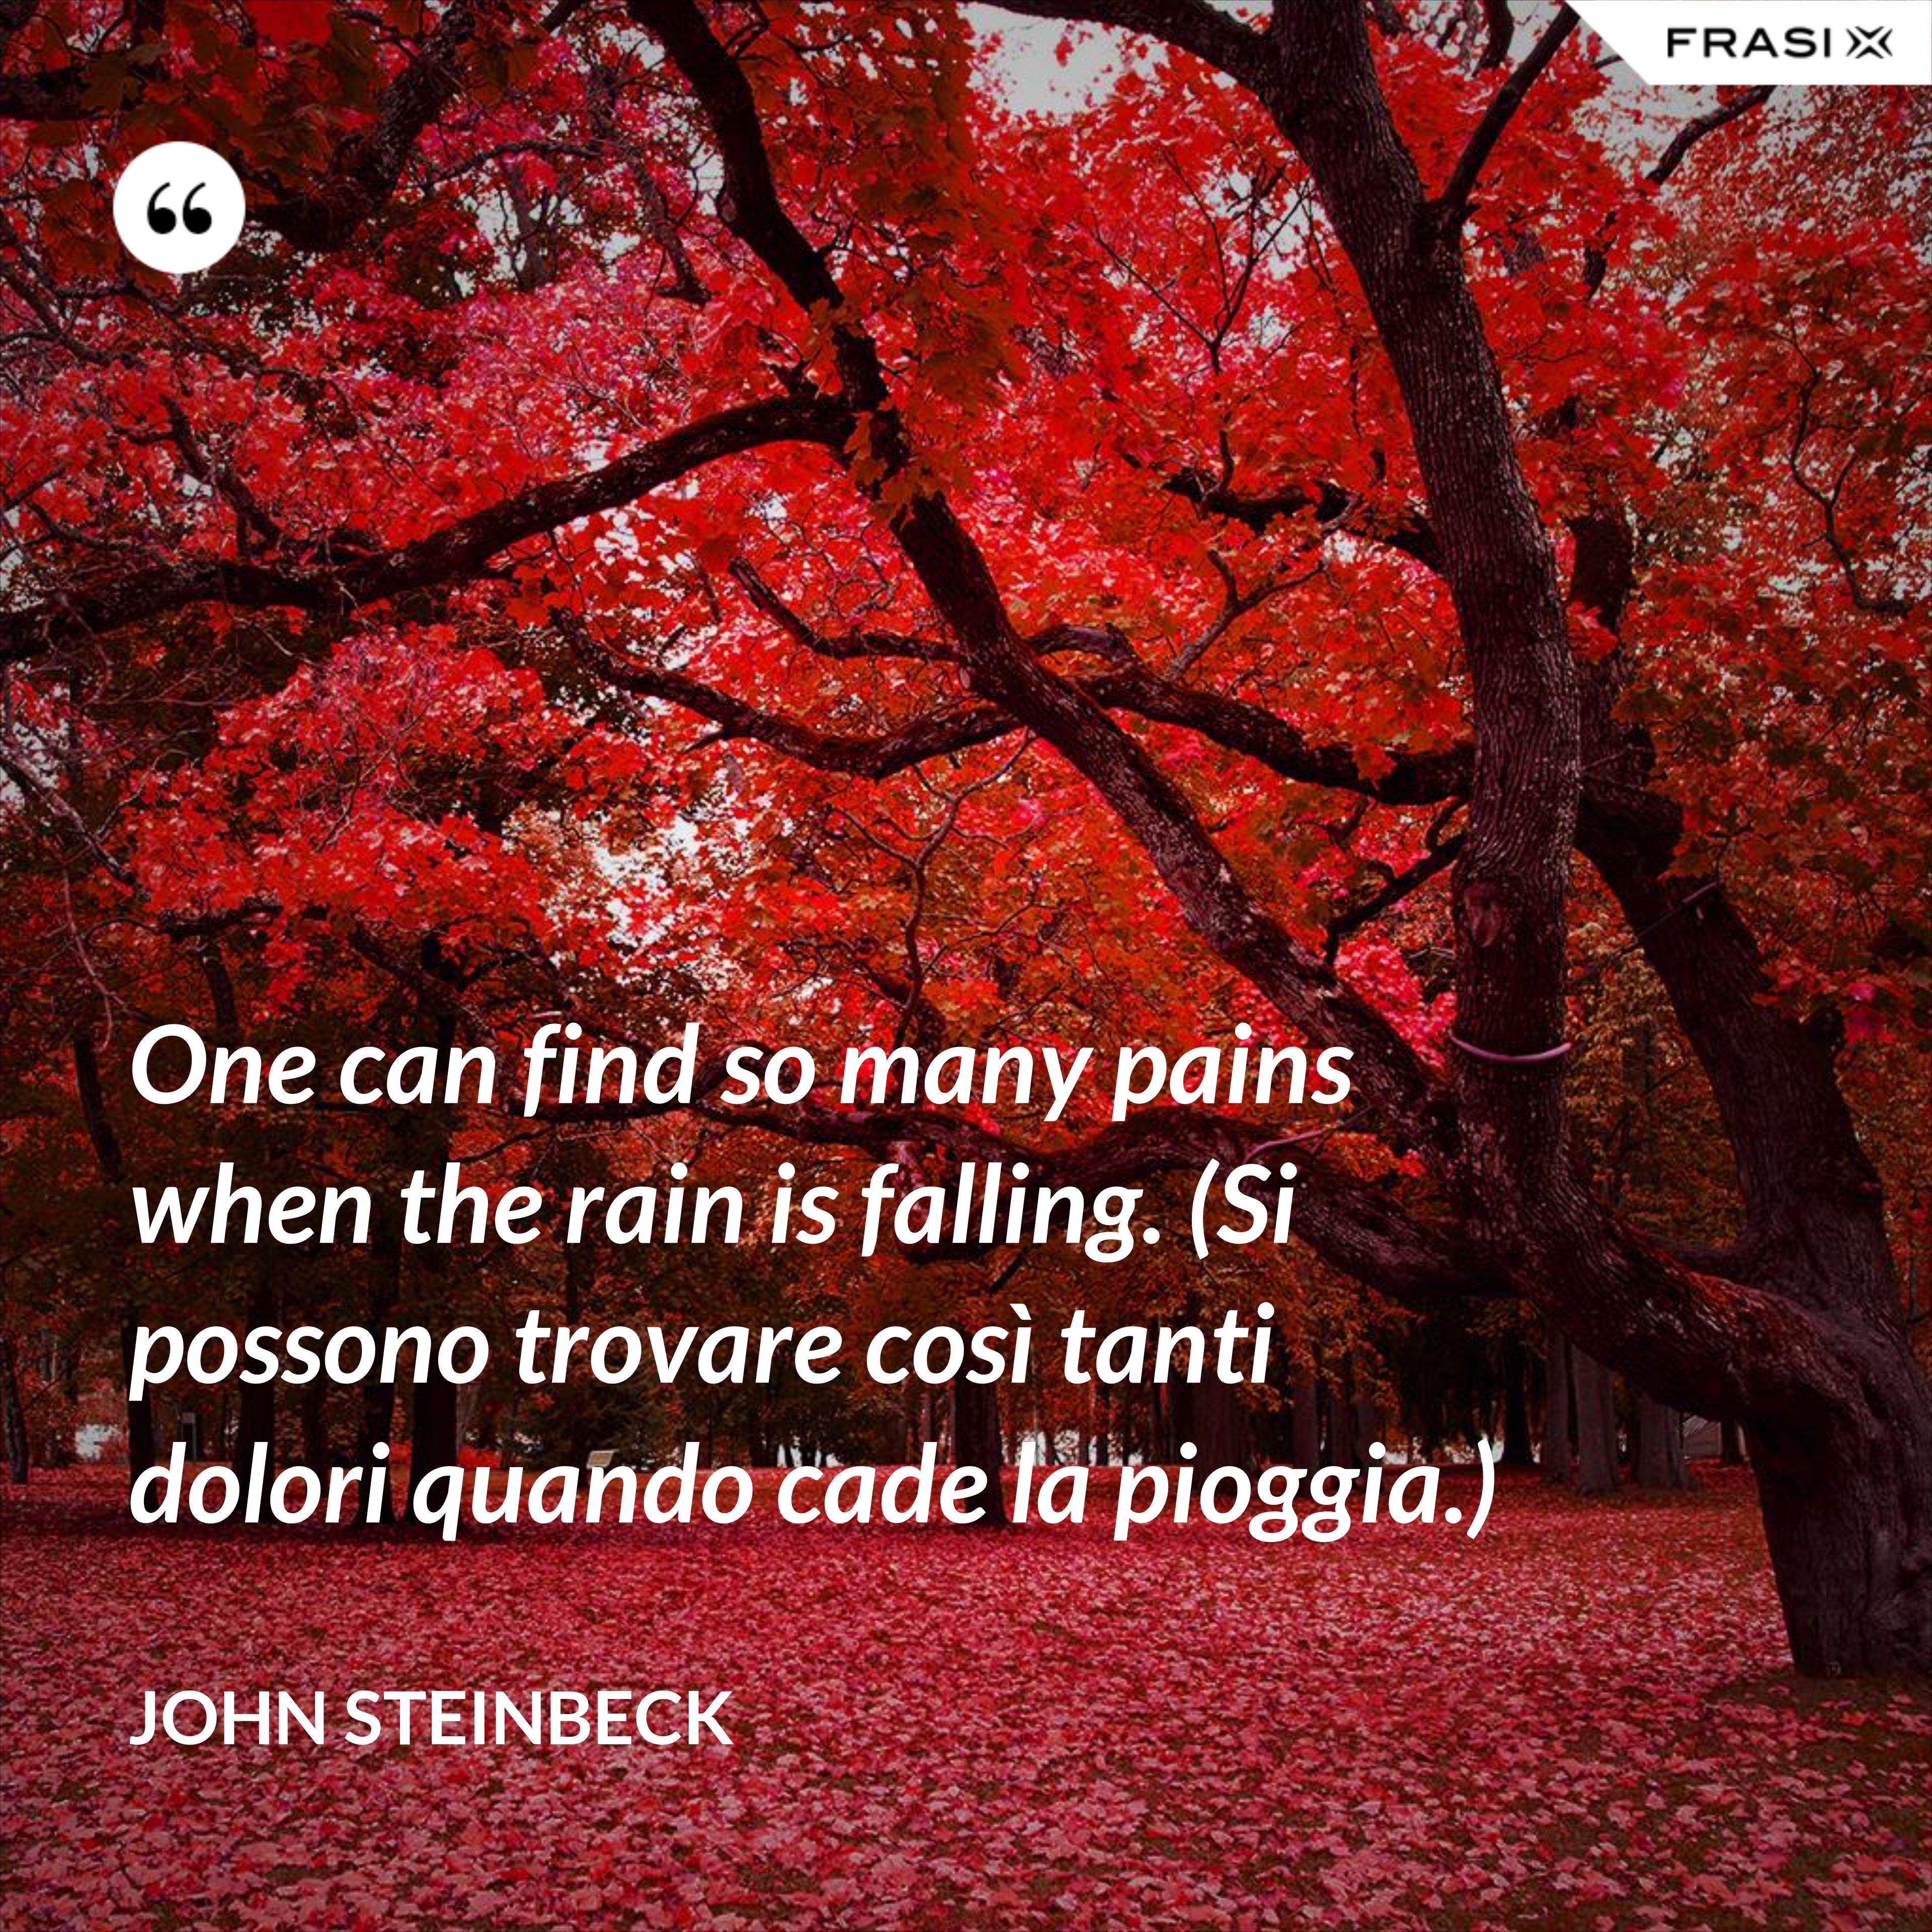 One can find so many pains when the rain is falling. (Si possono trovare così tanti dolori quando cade la pioggia.) - John Steinbeck